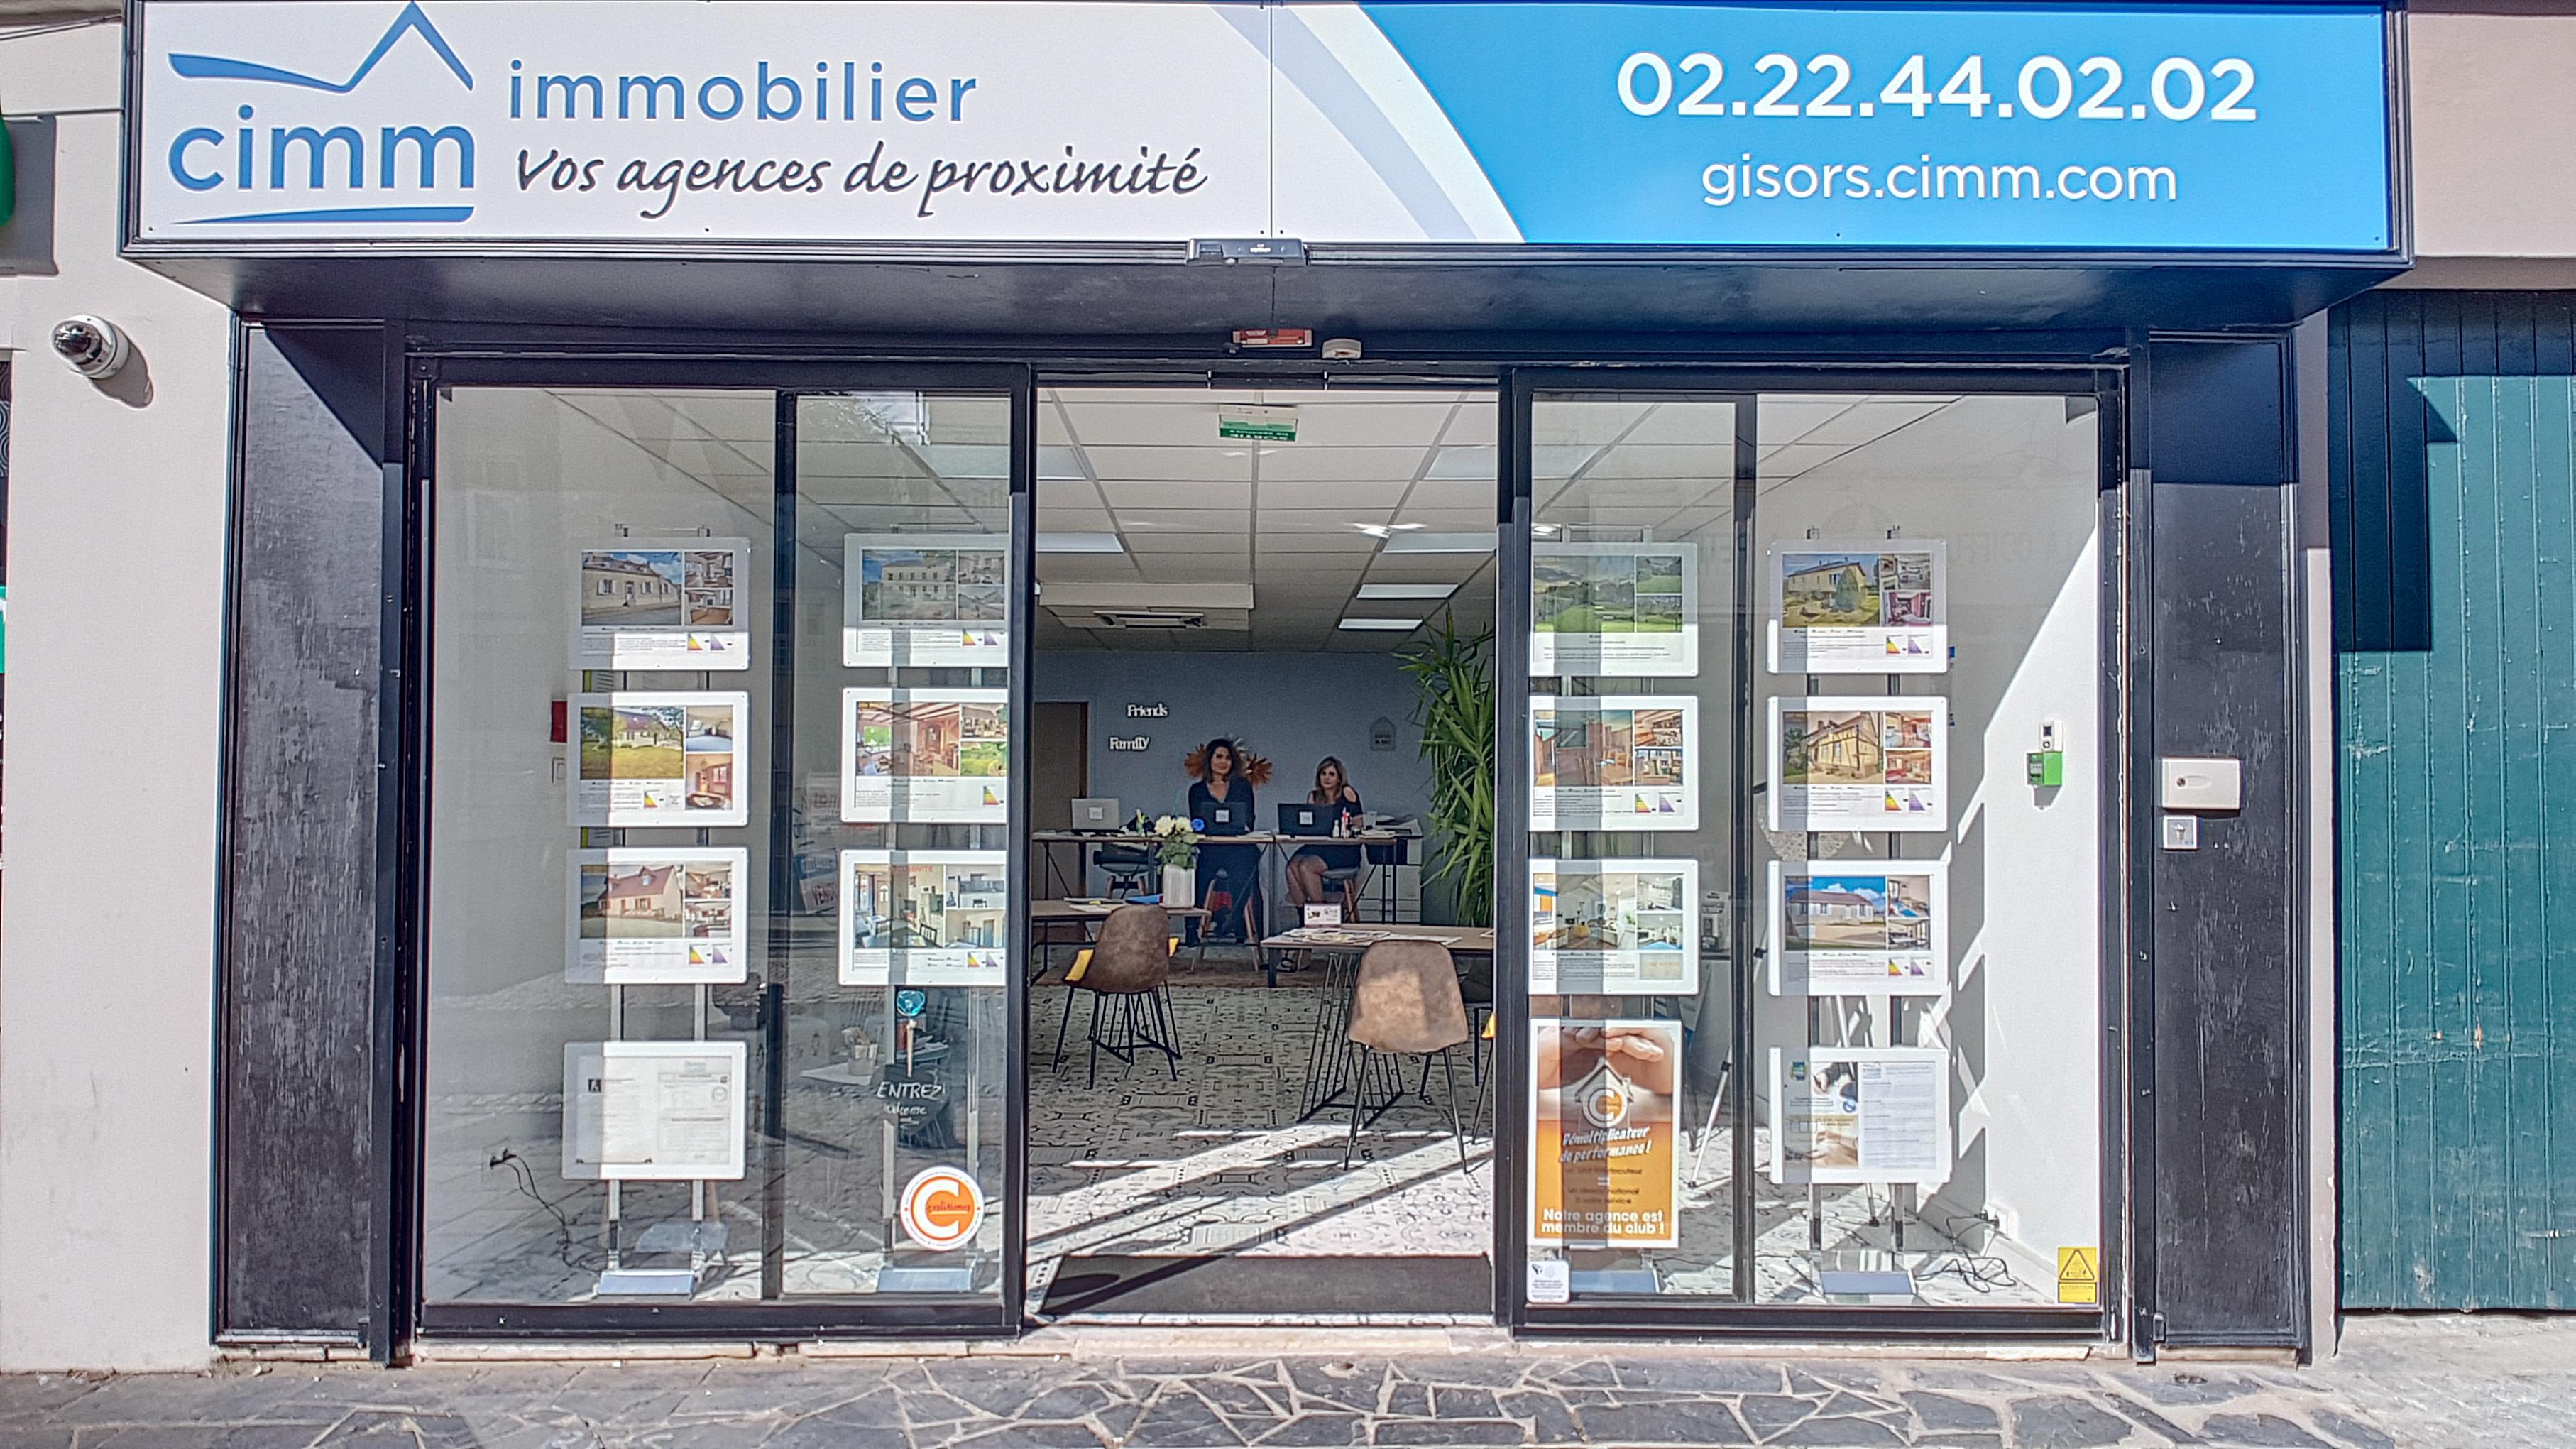 CIMM Immobilier GISORS